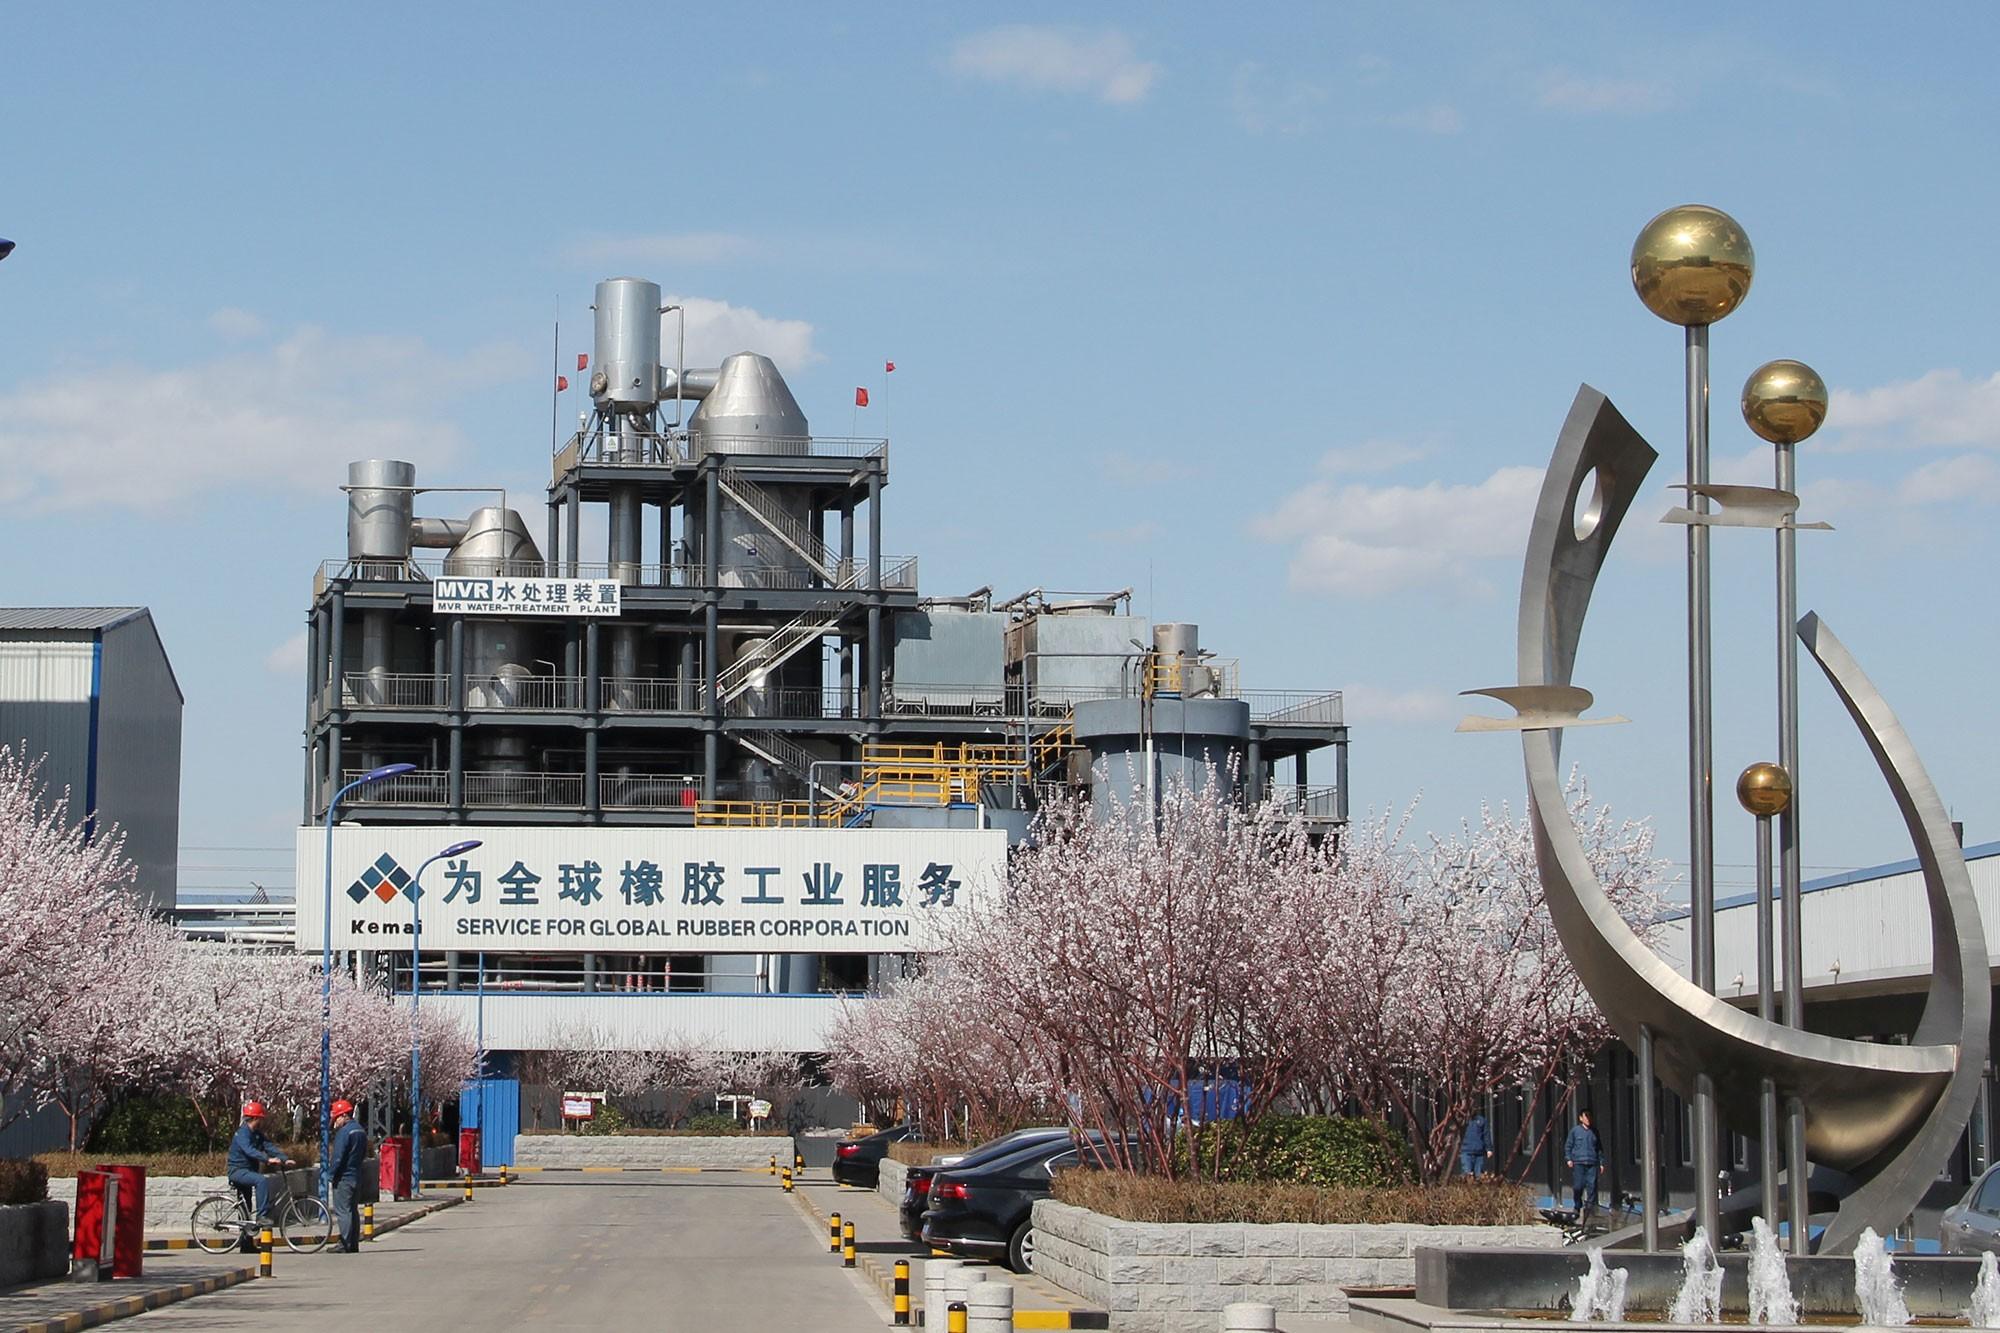 《中國環境報》專訪報道:科邁化工引領行業綠色發展